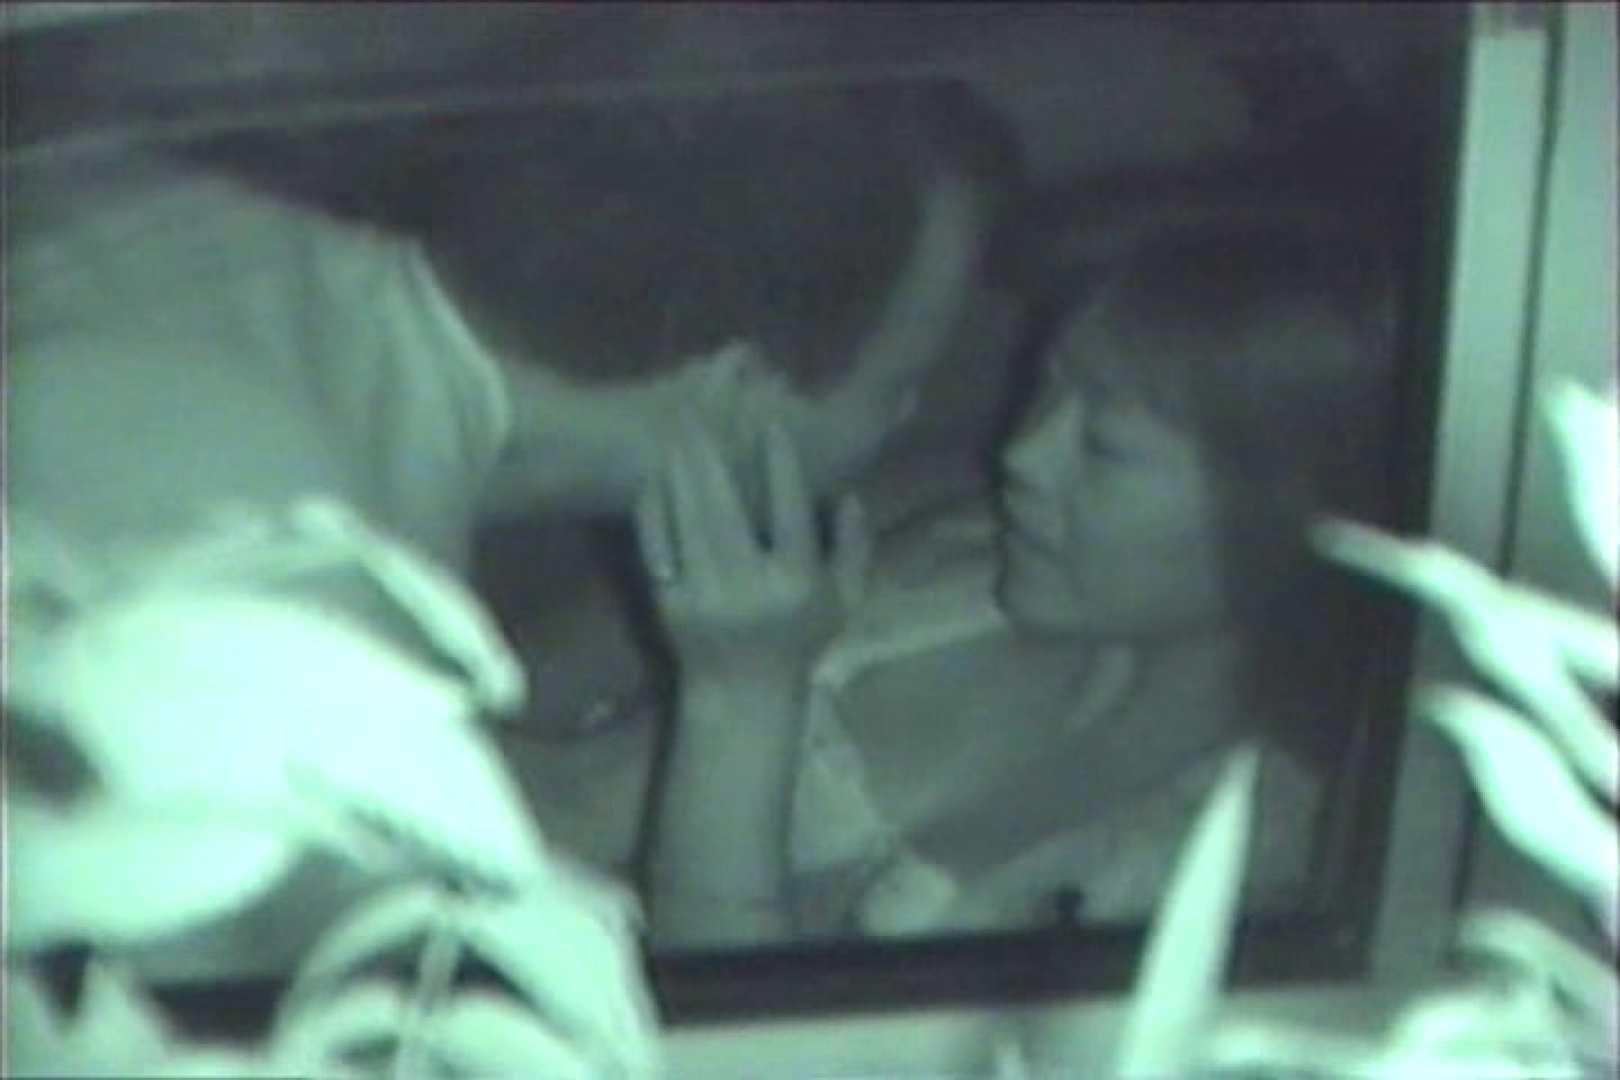 車の中はラブホテル 無修正版  Vol.18 ラブホテル隠し撮り | 美しいOLの裸体  100pic 99